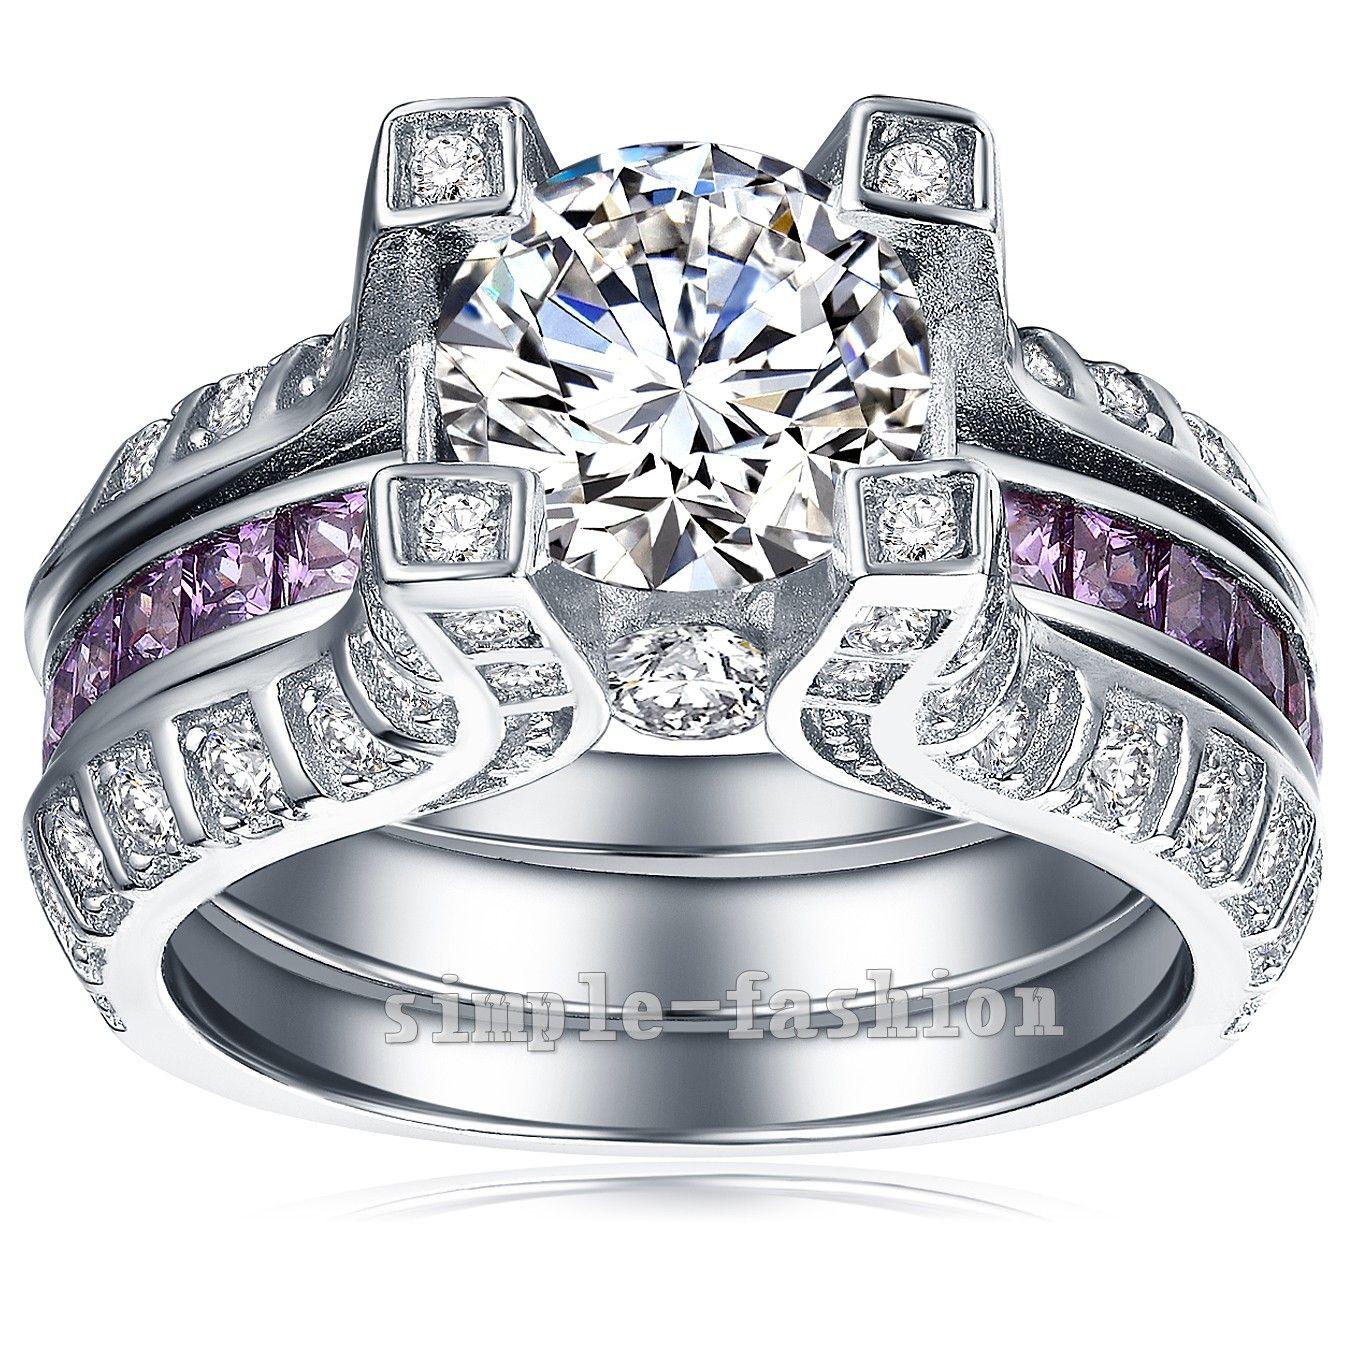 Vecalon роскошные ювелирные изделия 3ct Аметист Cz Алмаз обручальное кольцо обручальное кольцо набор для женщин 10kt белого золота заполнены Женские кольца